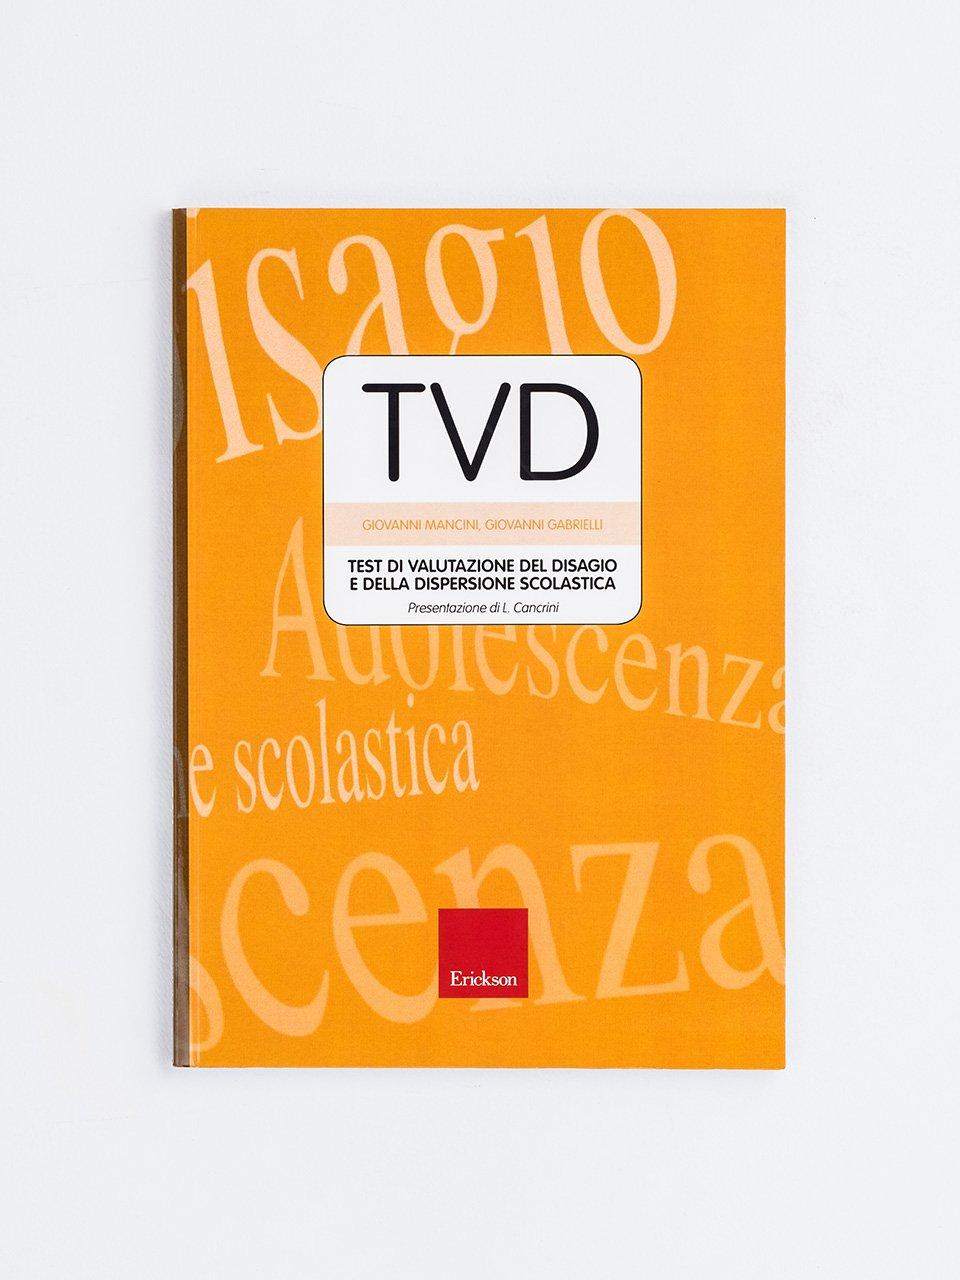 Test TVD - Valutazione del disagio e dispersione scolastica - Dispersione scolastica - Erickson